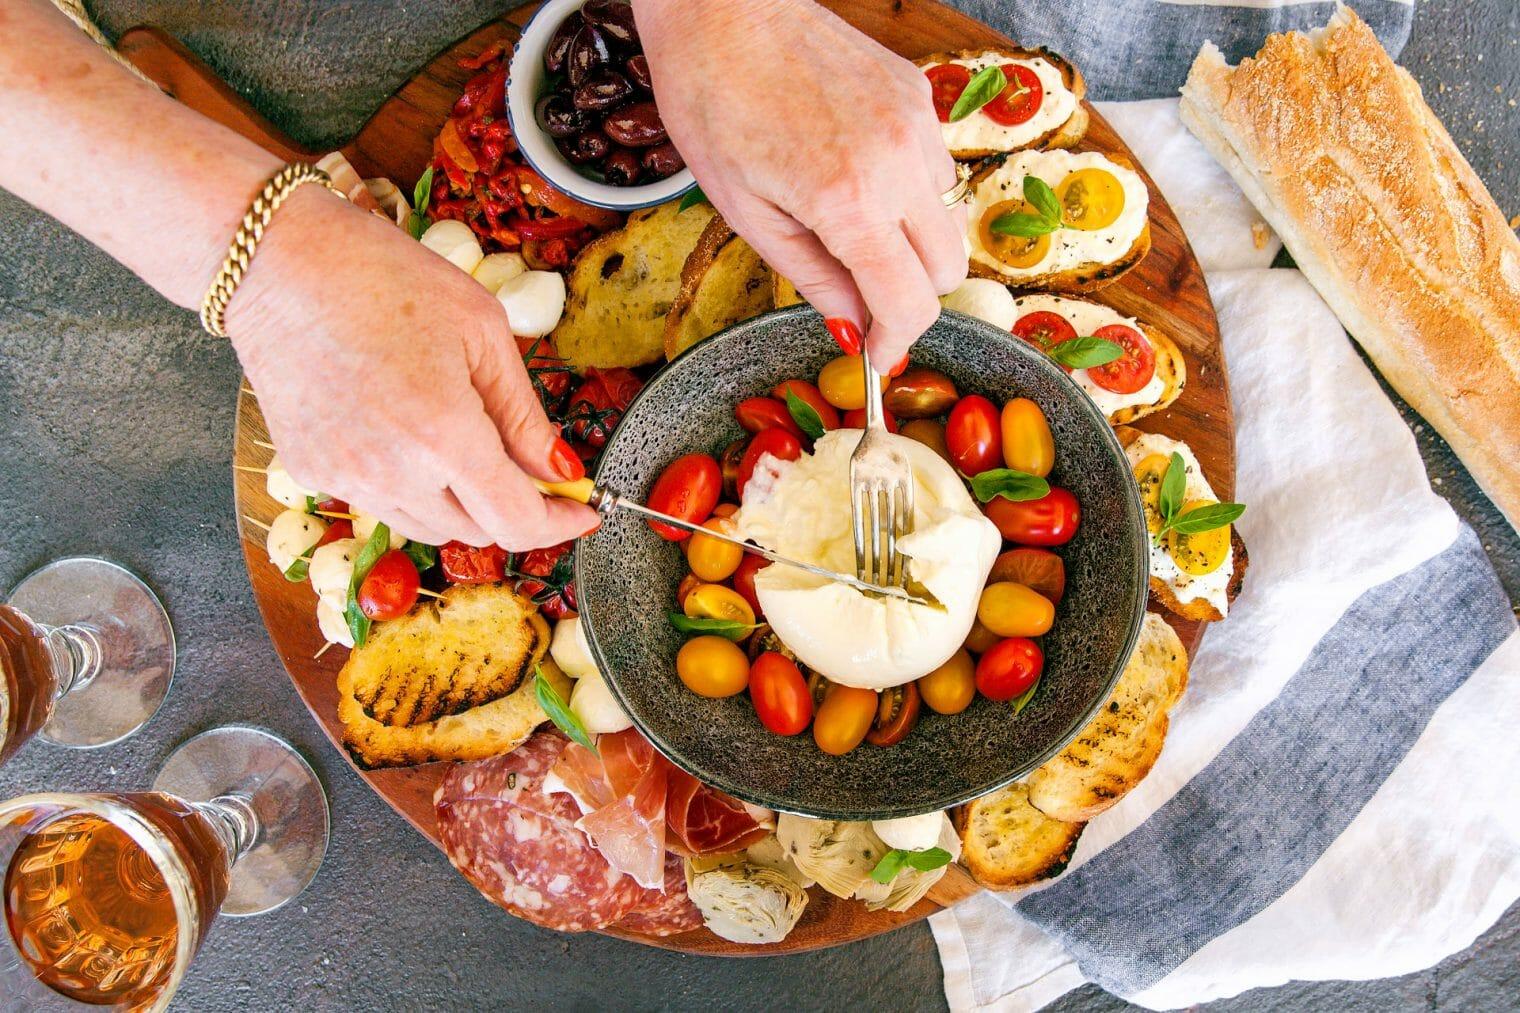 Burrata Platter